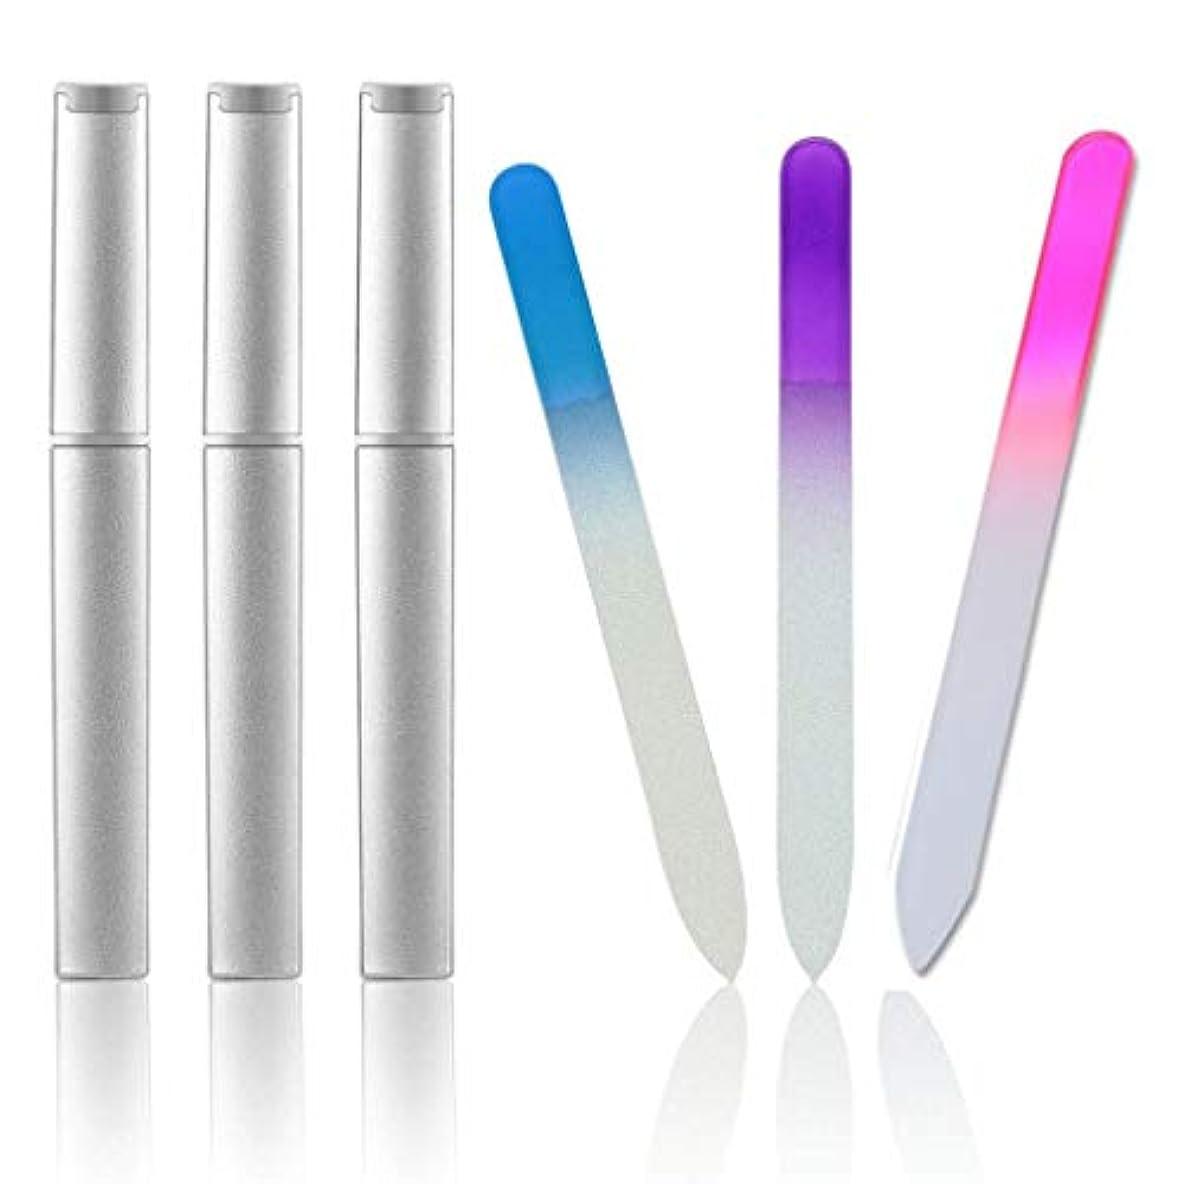 集団的マインド反抗Ant-Tree ガラスネイルファイルネイルポリッシュネイルポリッシュネイルケア用品3点セット(ピンク、ブルー、パープル)